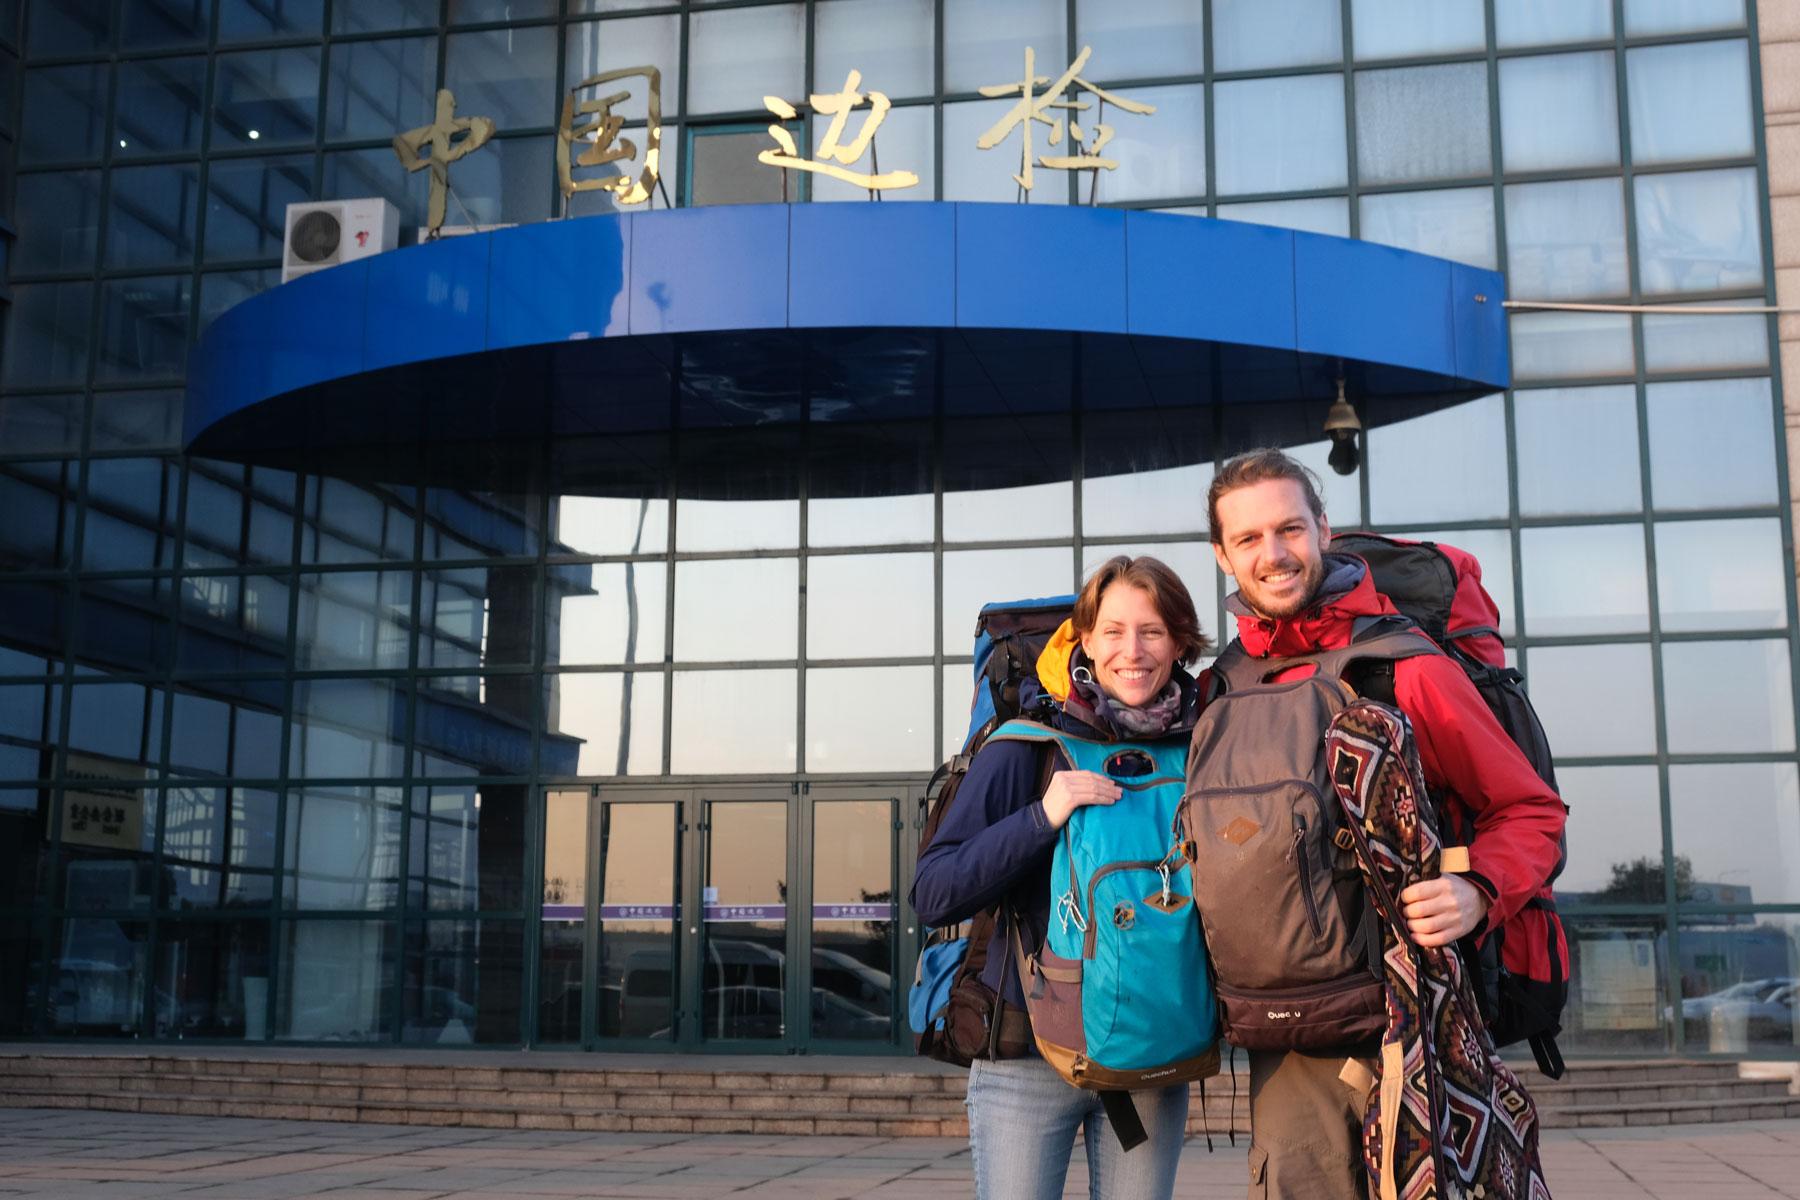 Leo und Sebastian mit Gepäck vor dem Ausreisegebäude am Hafen von Qingdao.